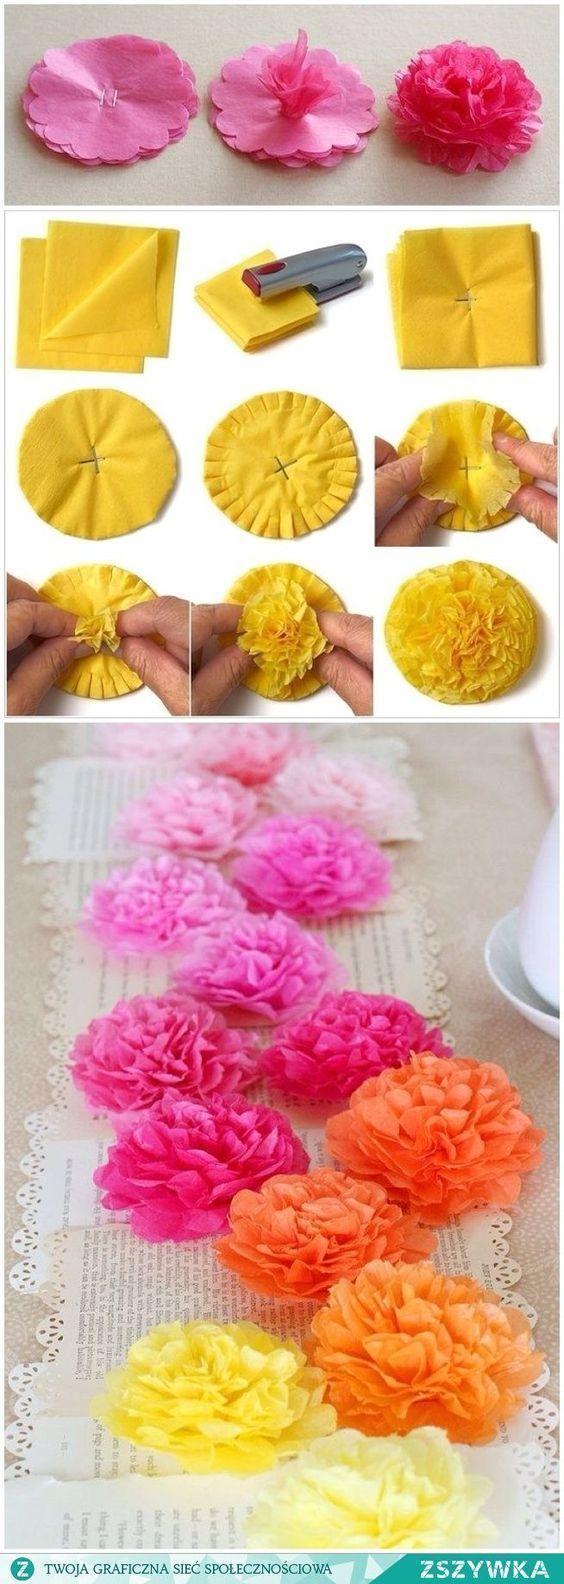 Hallo! Ich bin zurück mit einem inspirierenden Montag zum DIY Flower Se … #a – Hochzeitskleid